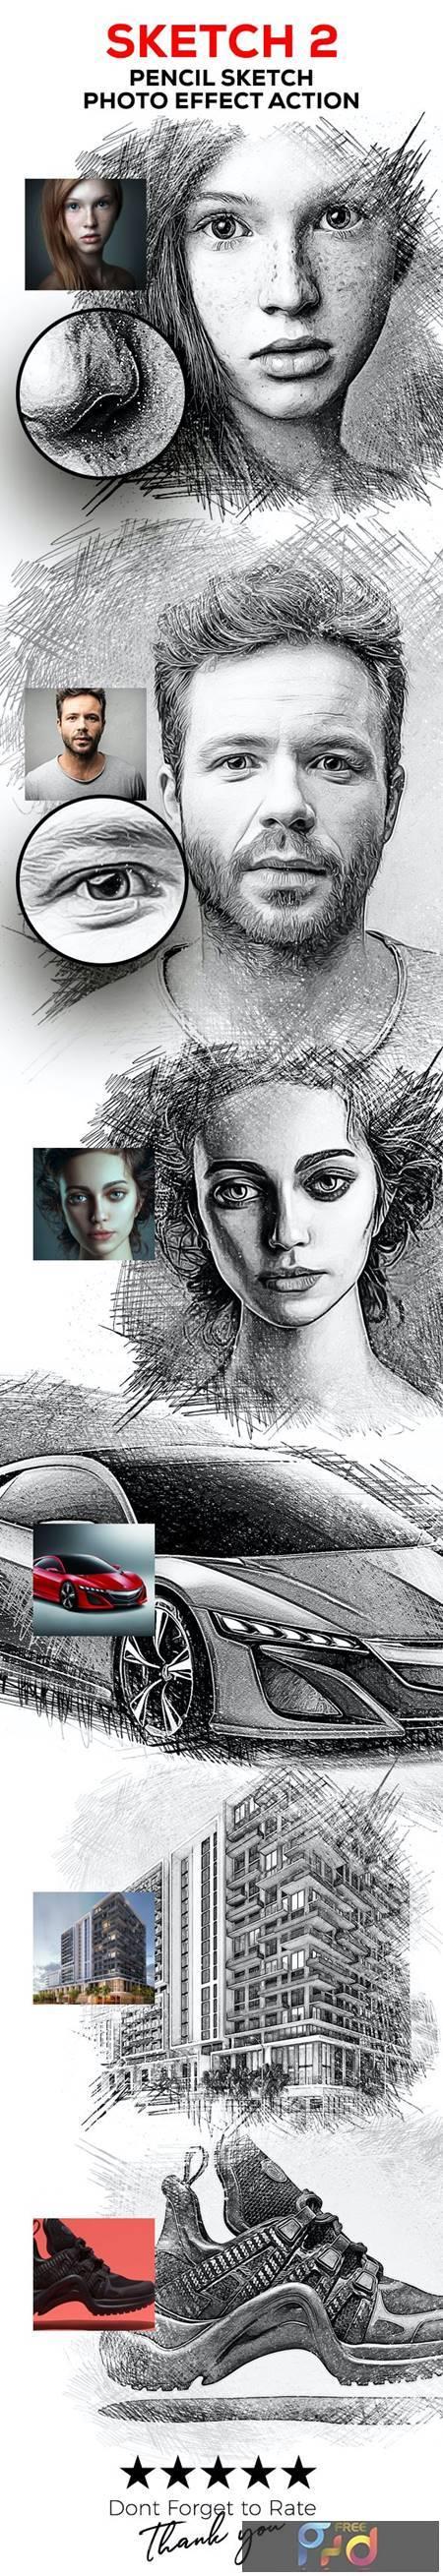 Sketch V2 - Pencil Sketch One Click Action 30298741 1